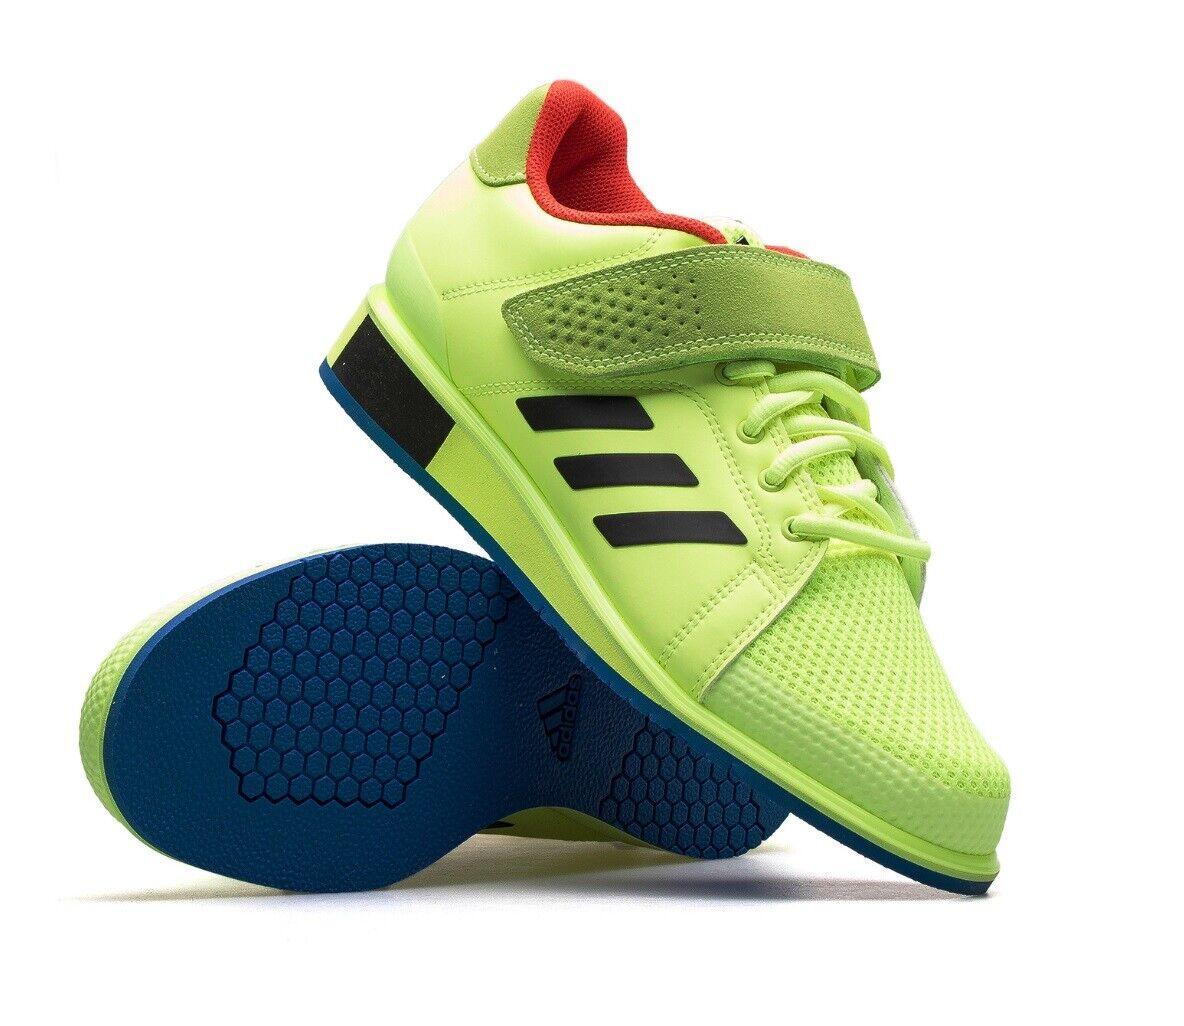 Adidas Power Perfect 3 BD7157 Herren Weight Lifting schuhe Weightlifting schuhe